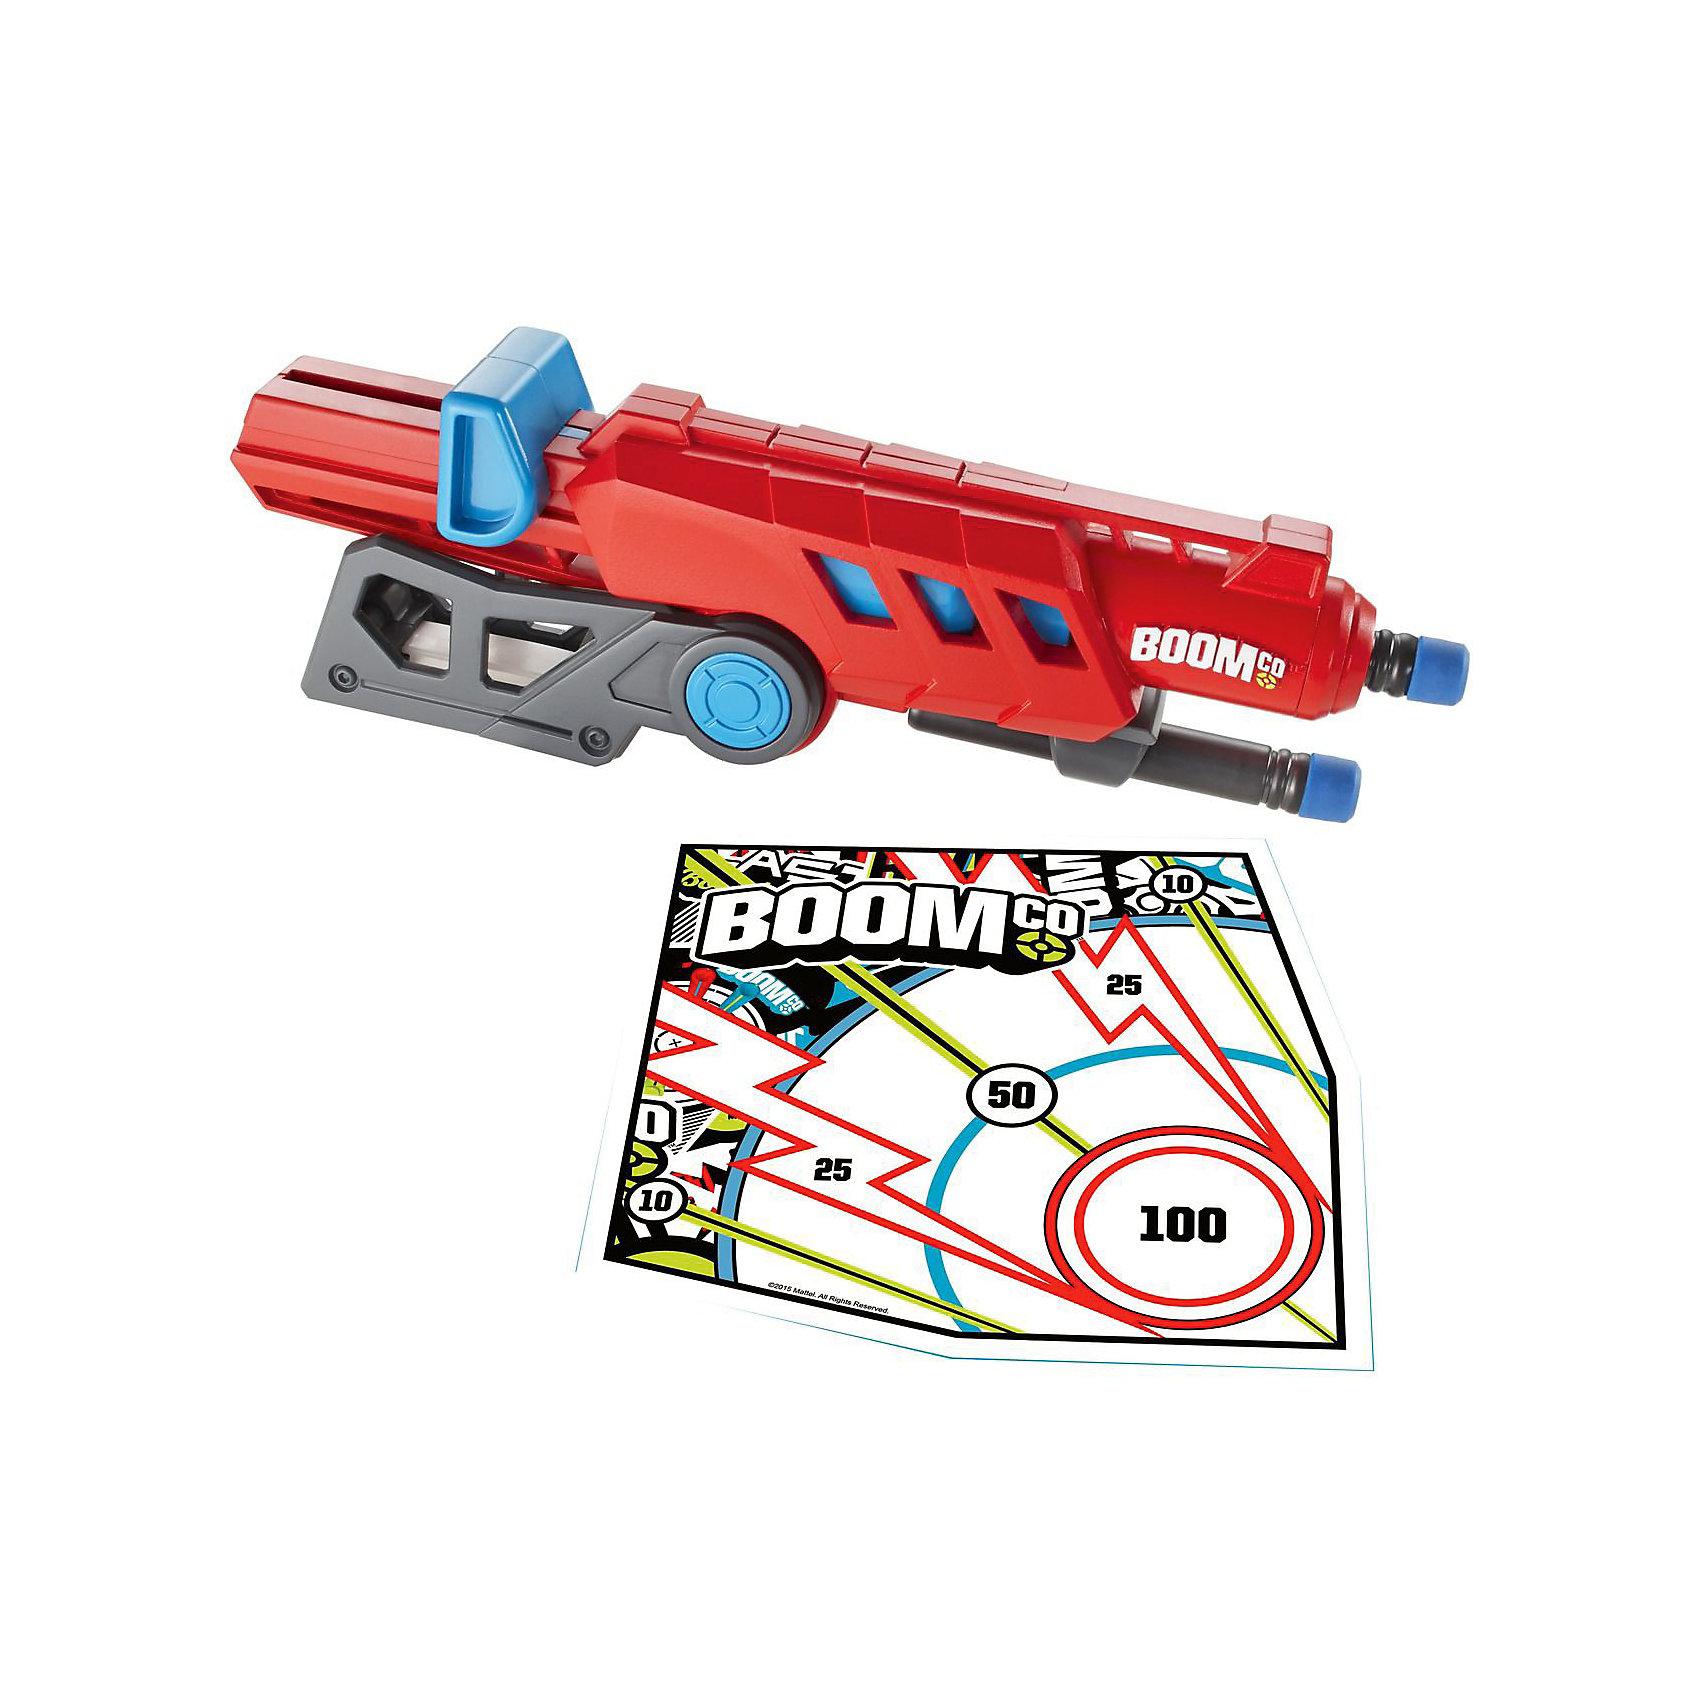 Бластер Rail Blast, BOOMcoИгрушечное оружие<br>С бластером Rail Blast ты выйдешь победителем из любой битвы! Используй его для стрельбы единичными патронами на большую дистанцию либо прикрепи его другим бластерам BOOMco (Бумко) с помощью ручки, чтобы нанести двойной удар. Заряды для бластера сделаны из полимерных материалов и имеют мягкий закругленный наконечник для еще большей безопасности. Игрушка изготовлена из прочного гипоаллергенного пластика высокого качества.<br><br>Дополнительная информация:<br><br>- Комплектация: бластер,3 стрелы с наконечниками Smart Stick, мишень со специальным покрытием.<br>- Материал: пластик.<br>- Размер упаковки: 4,5x19x23 см.<br>- Дальность стрельбы:  <br>- Соблюдайте осторожность не стреляйте в лицо и глаза!<br><br>Бластер Rail Blast, BOOMco (Бумко), можно купить в нашем магазине.<br><br>Ширина мм: 233<br>Глубина мм: 198<br>Высота мм: 53<br>Вес г: 228<br>Возраст от месяцев: 36<br>Возраст до месяцев: 72<br>Пол: Мужской<br>Возраст: Детский<br>SKU: 3841406